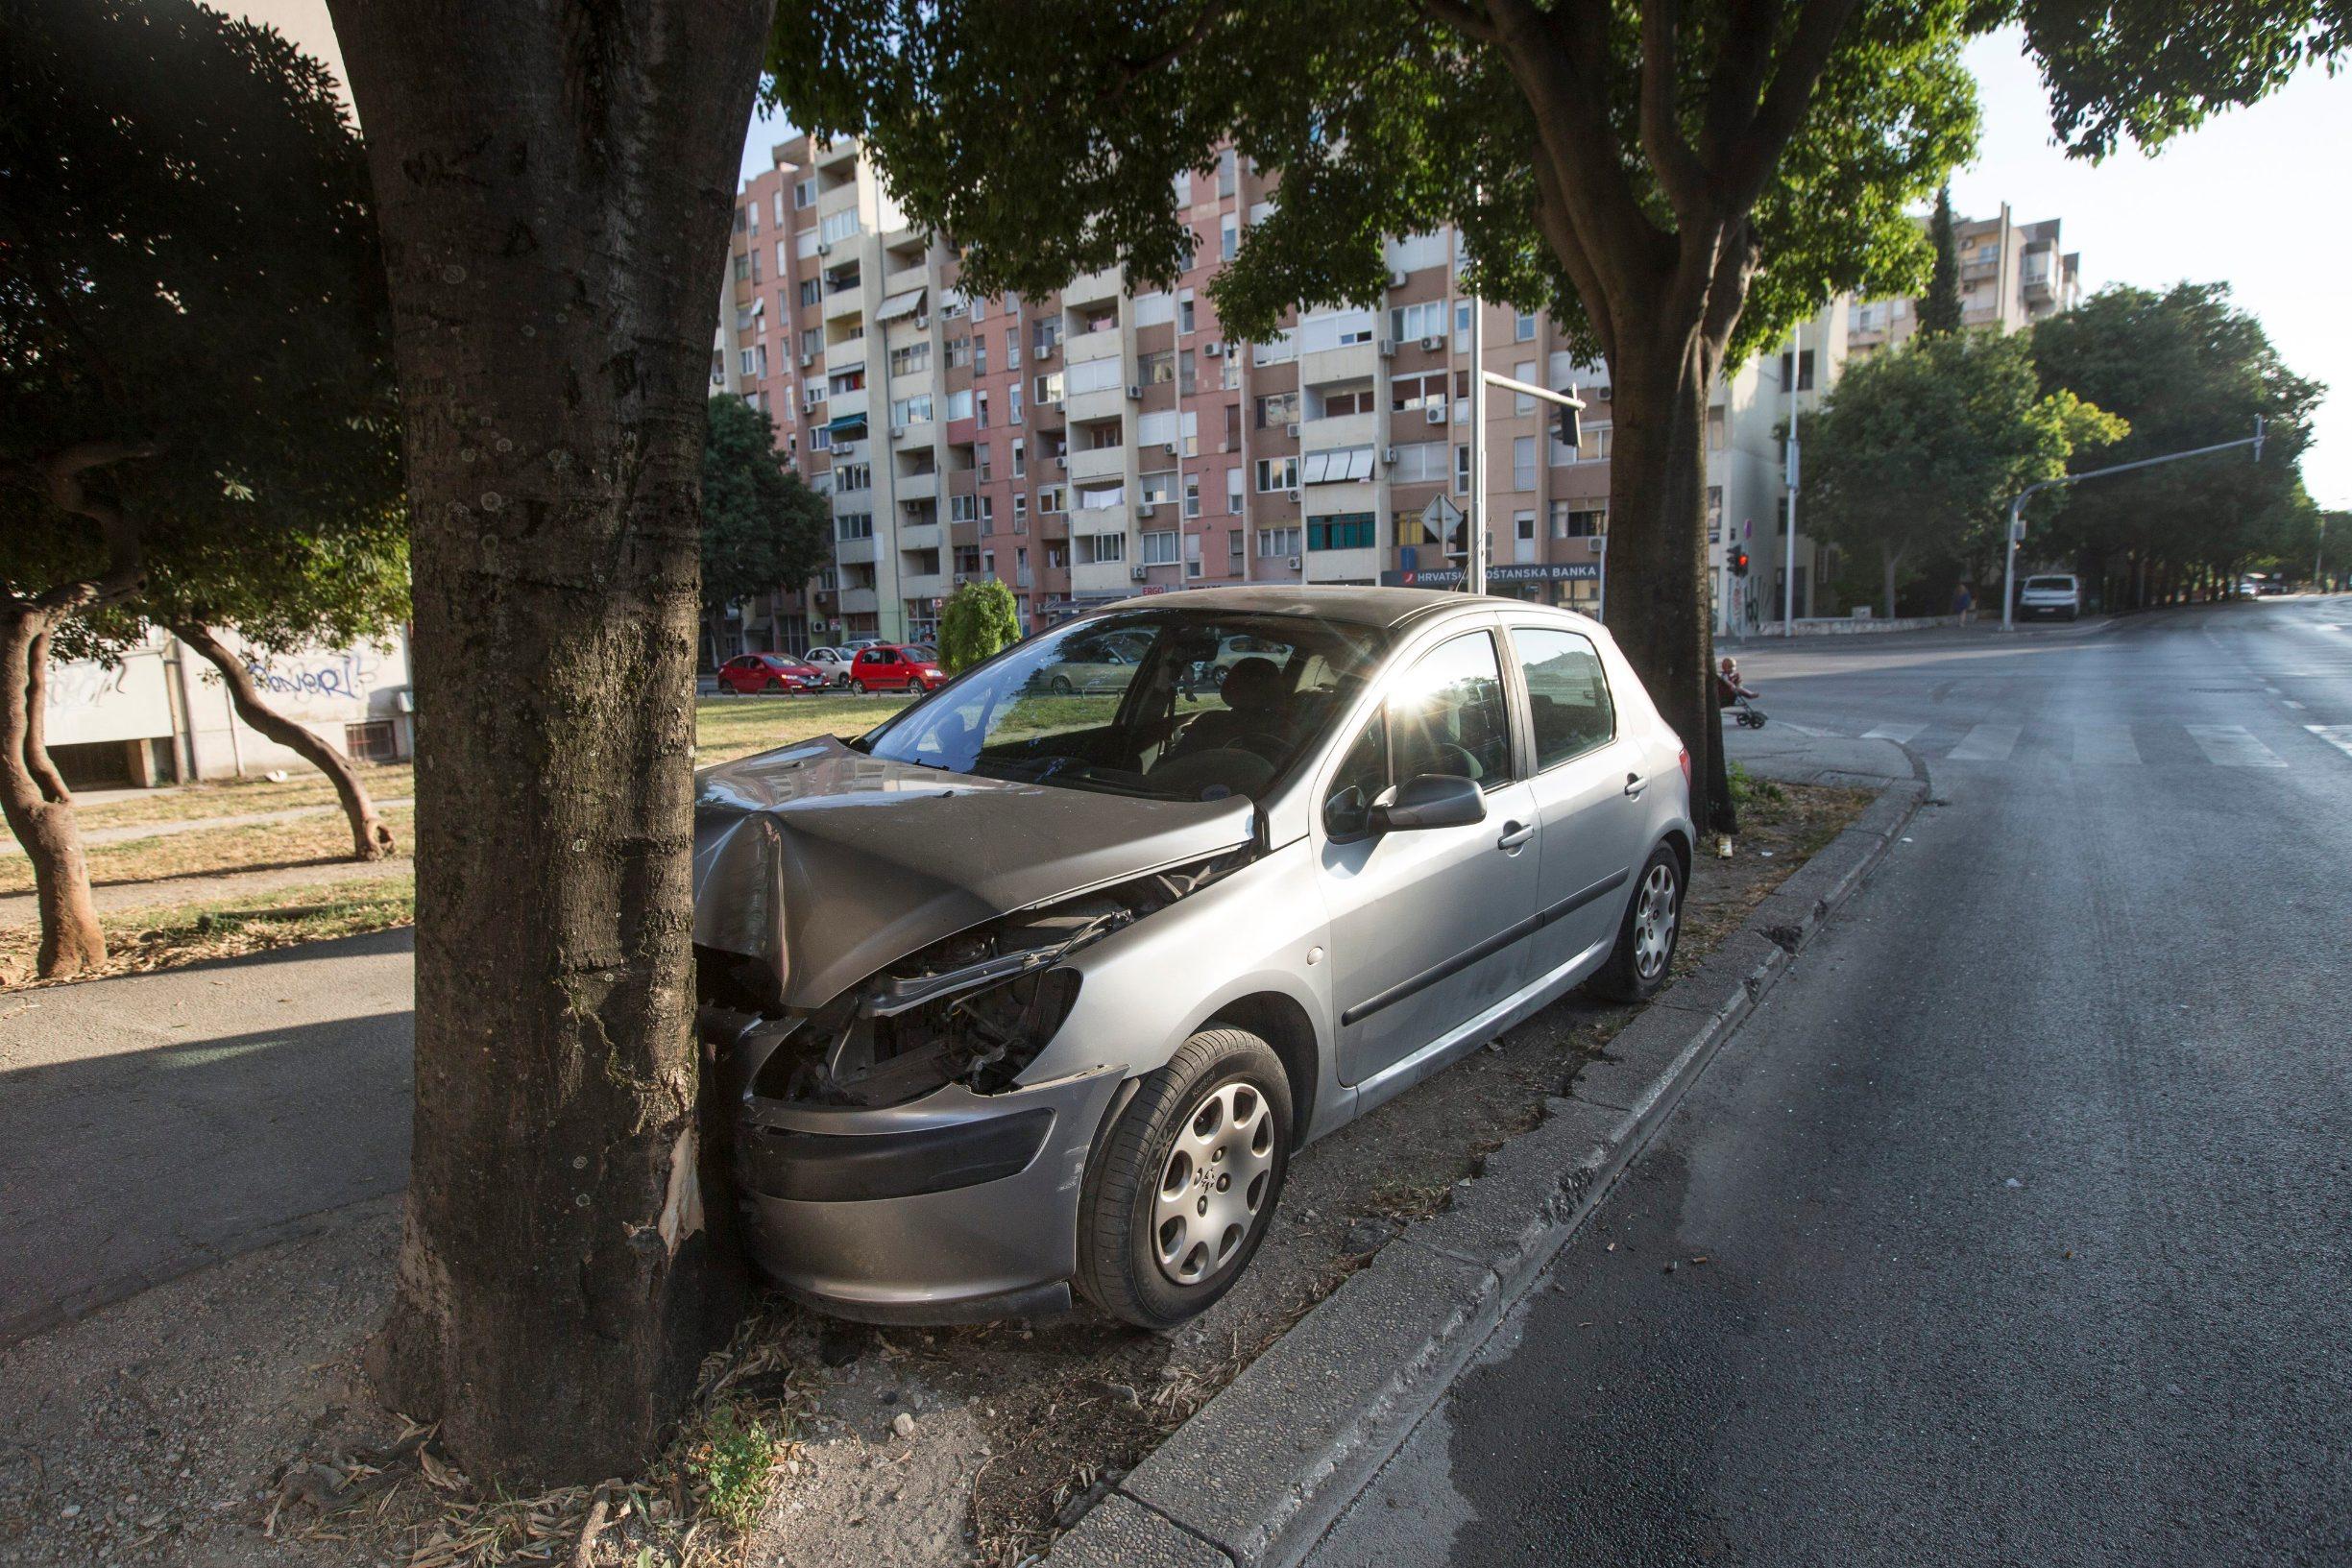 Split, 070719.  Krizanje Vukovarske i Dubravocke ulice gdje se danas poslijepodne dogodila teska prometna nesreca. Foto: Bozidar Vukicevic / CROPIX